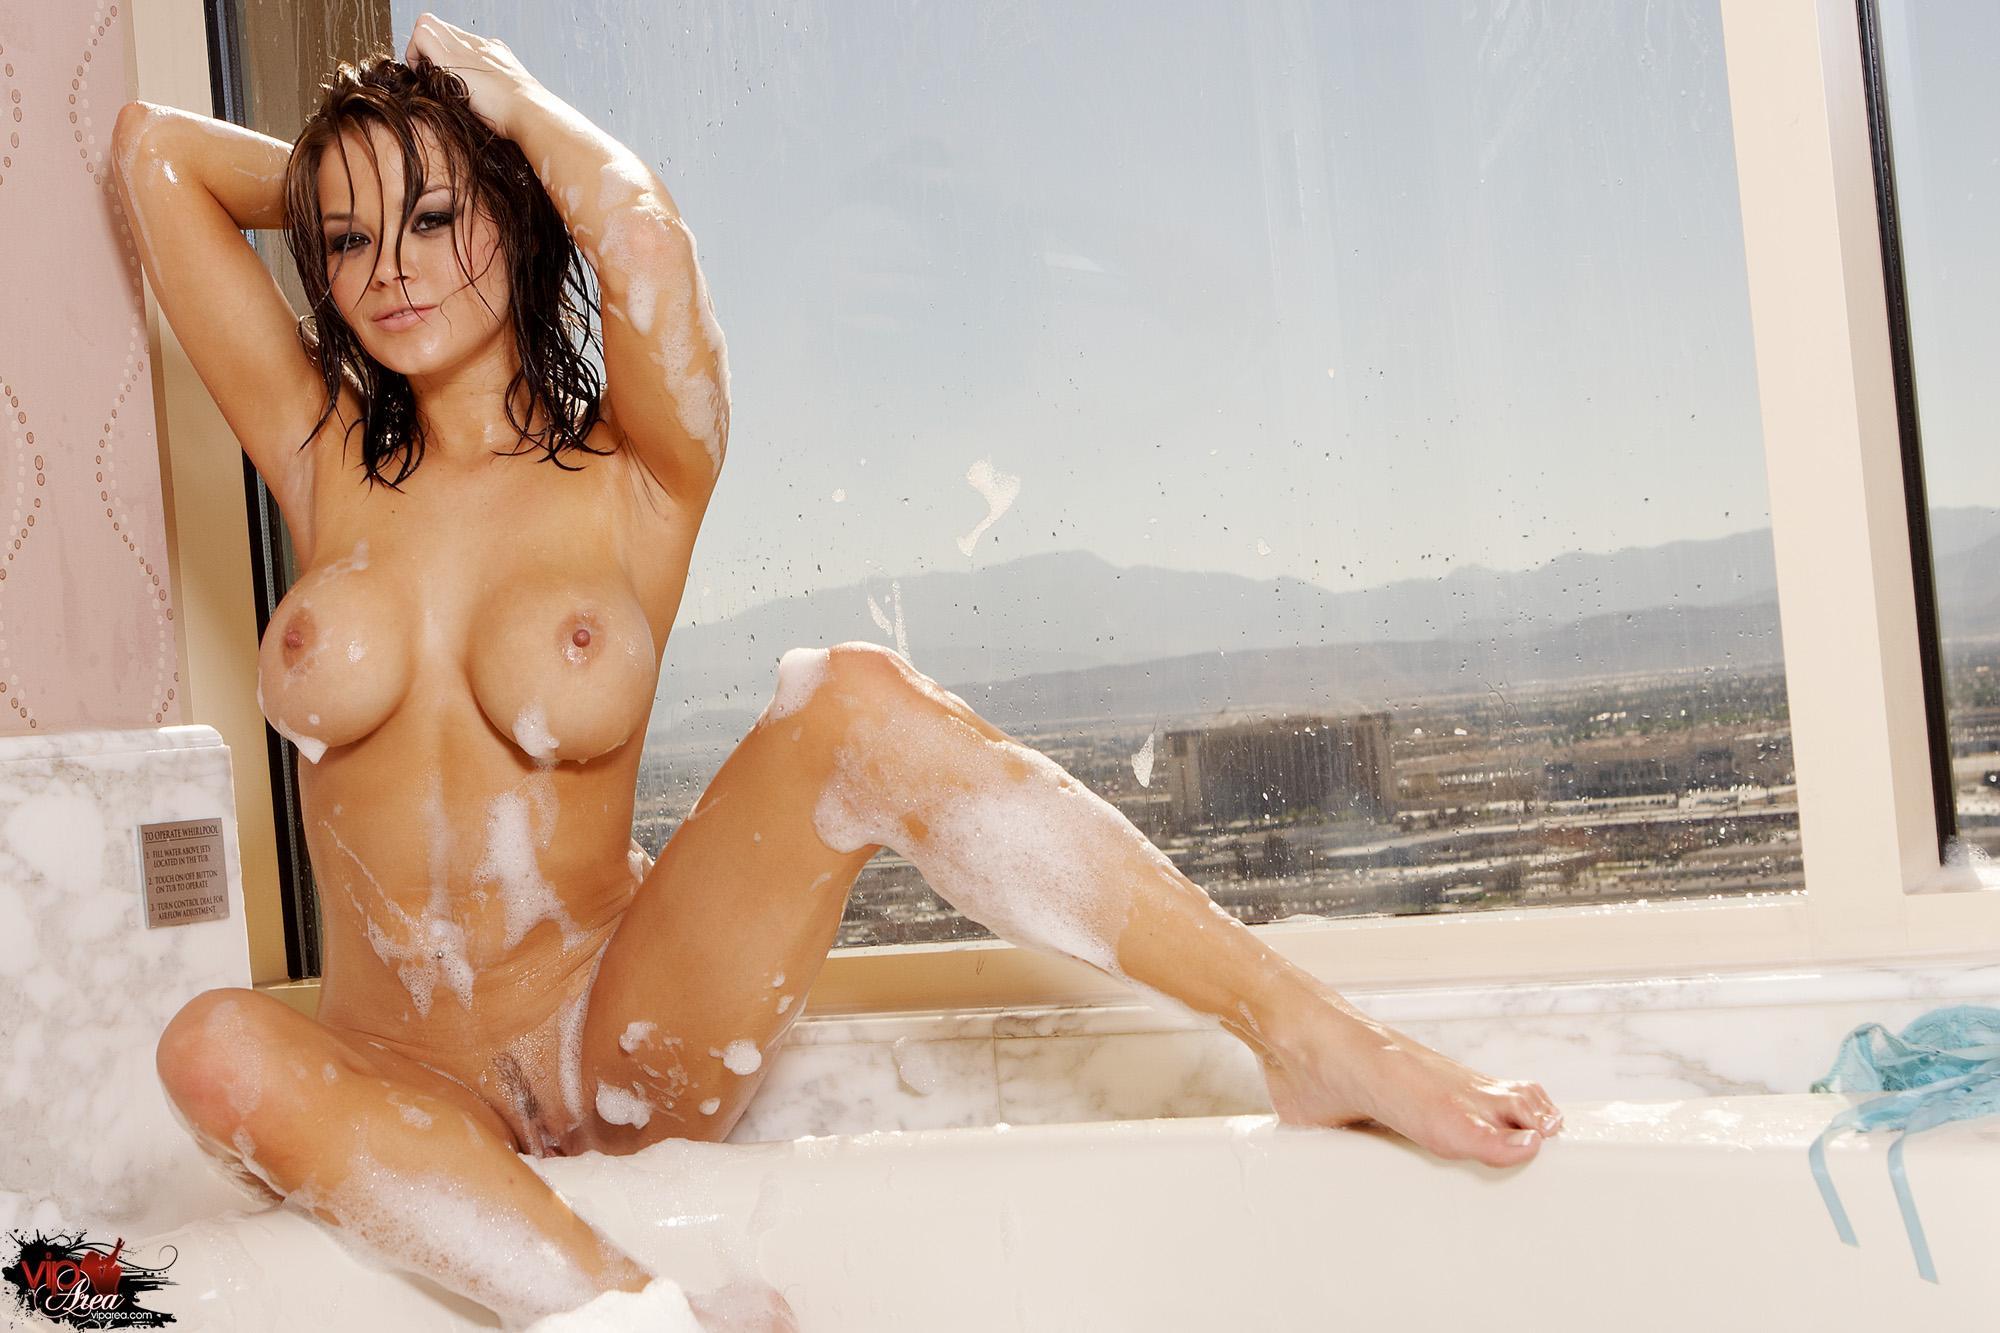 Sofia vergara fake porno